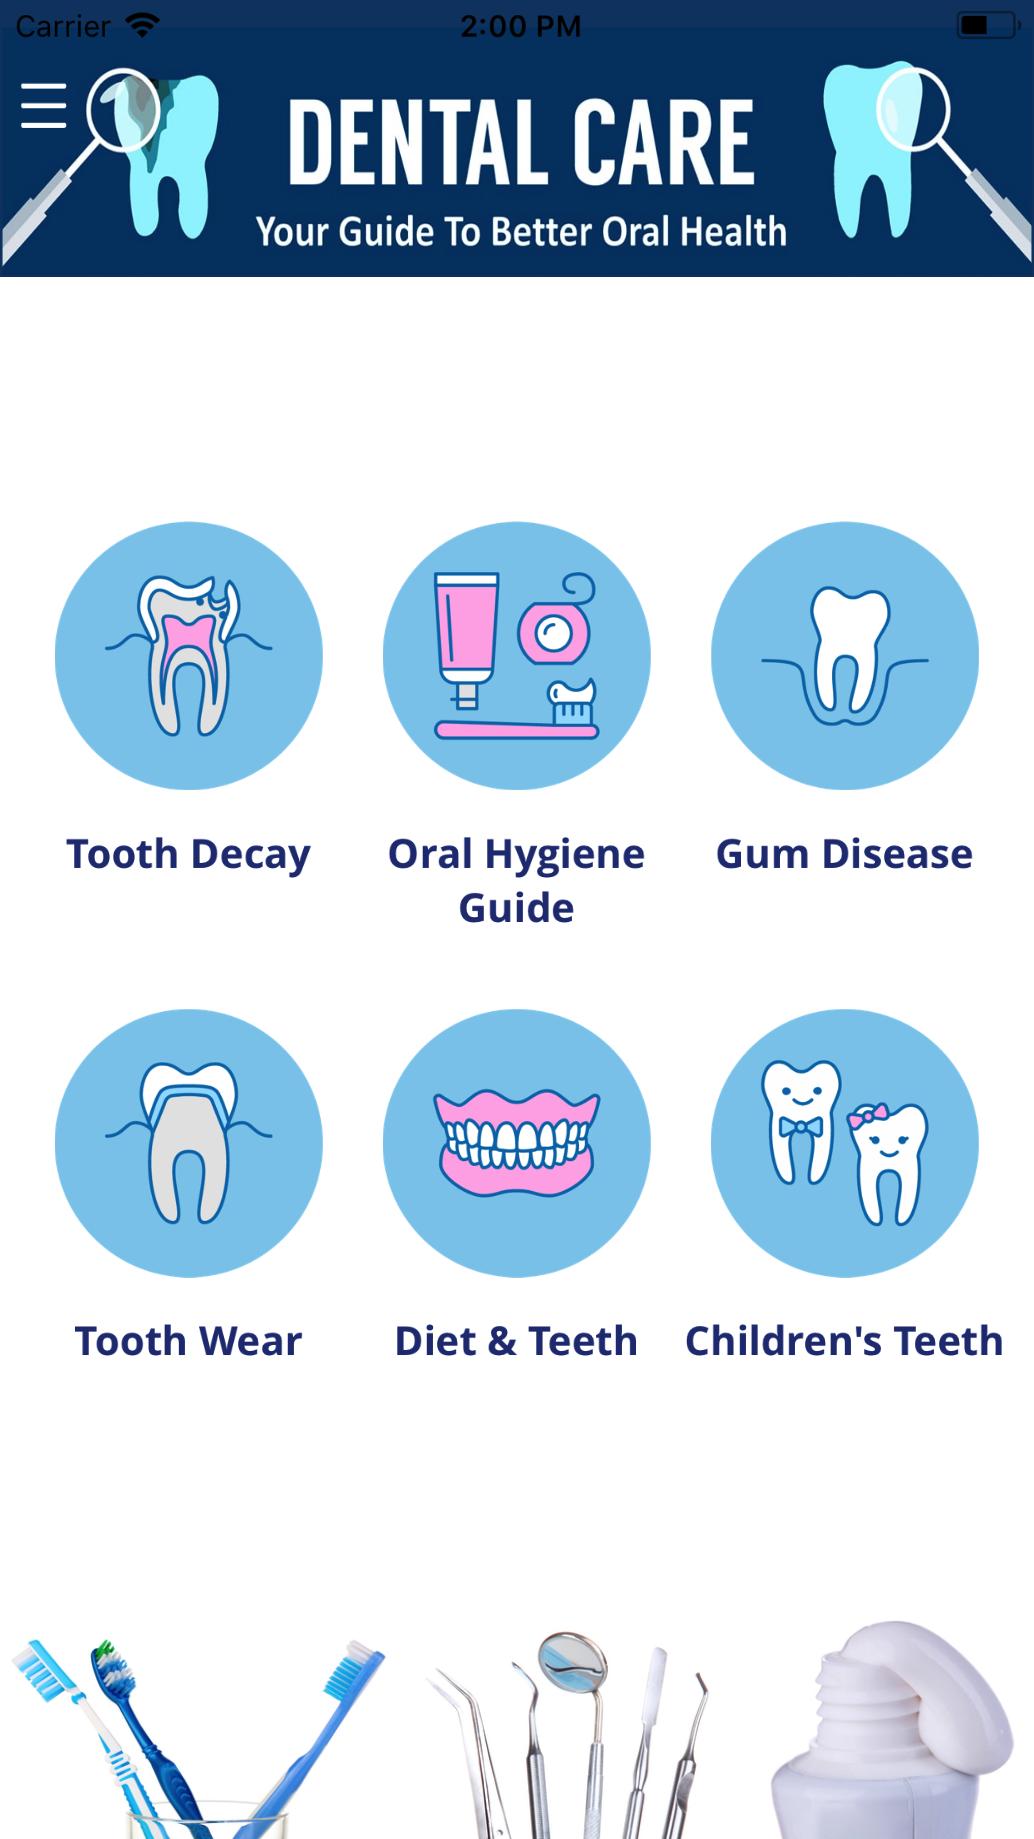 APP Development for Dental Care